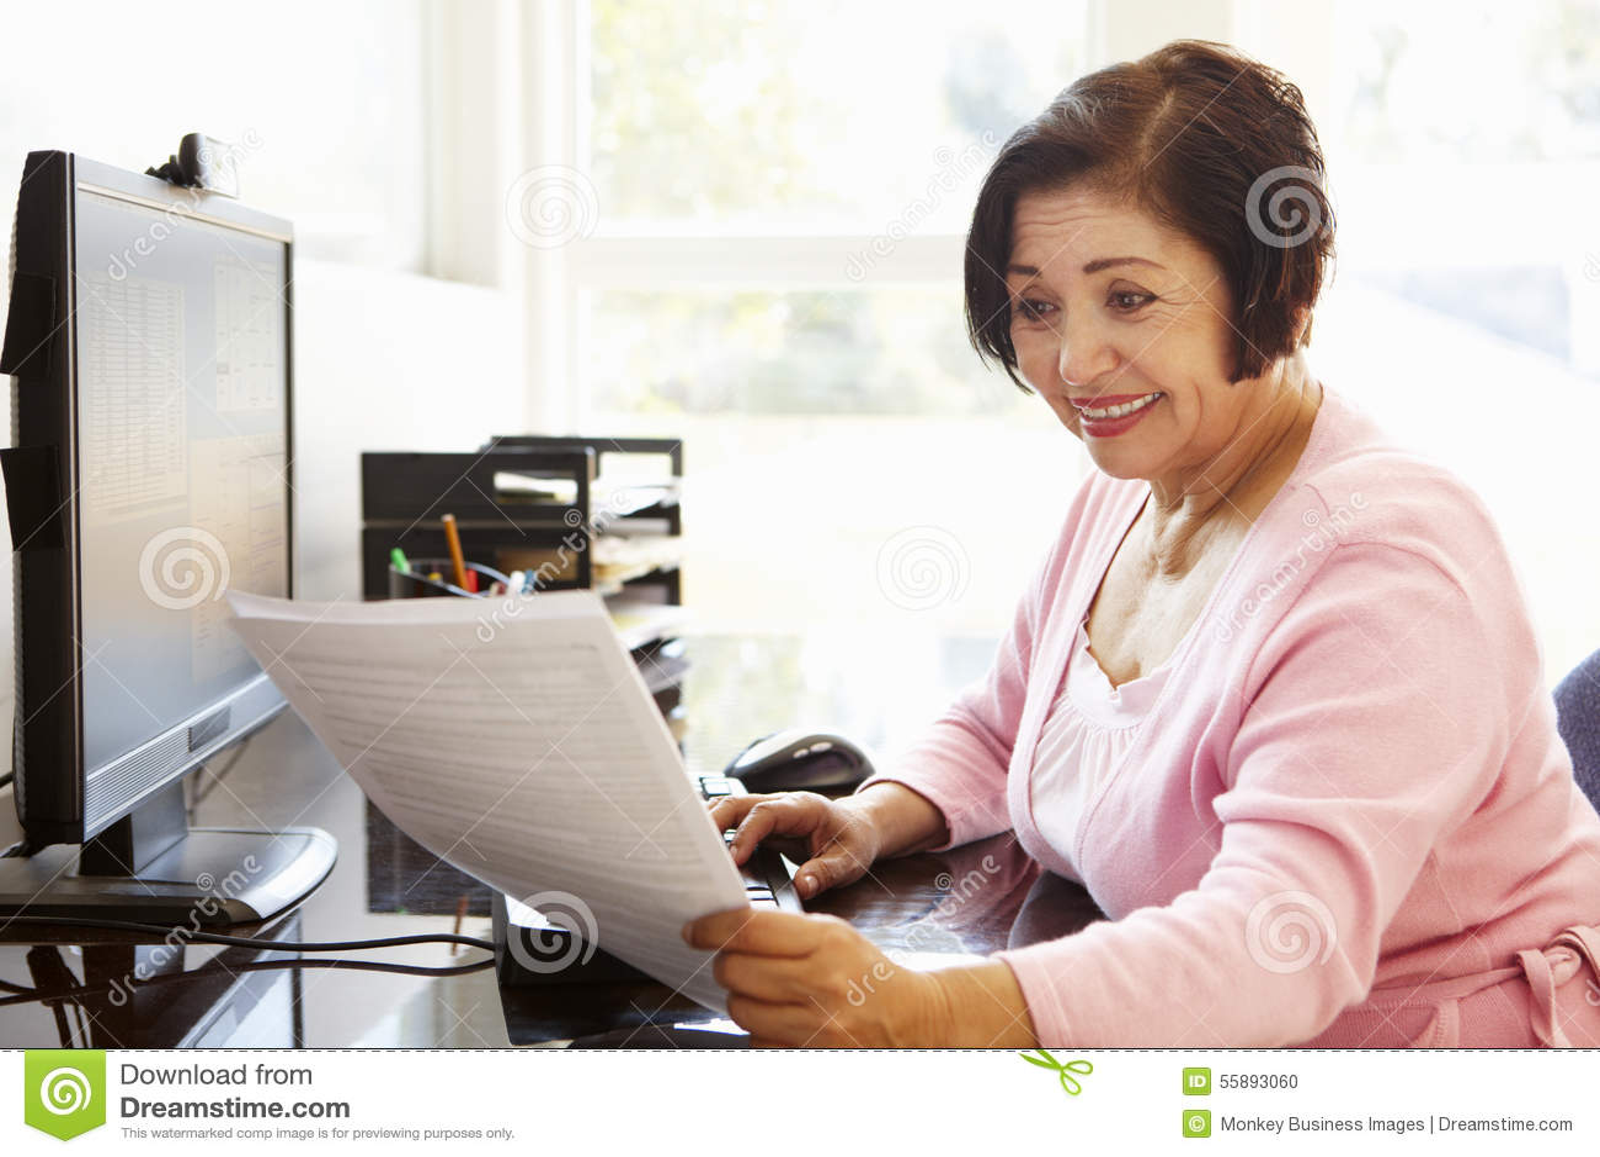 Starsza Latynoska kobieta pracuje na komputerze w domu